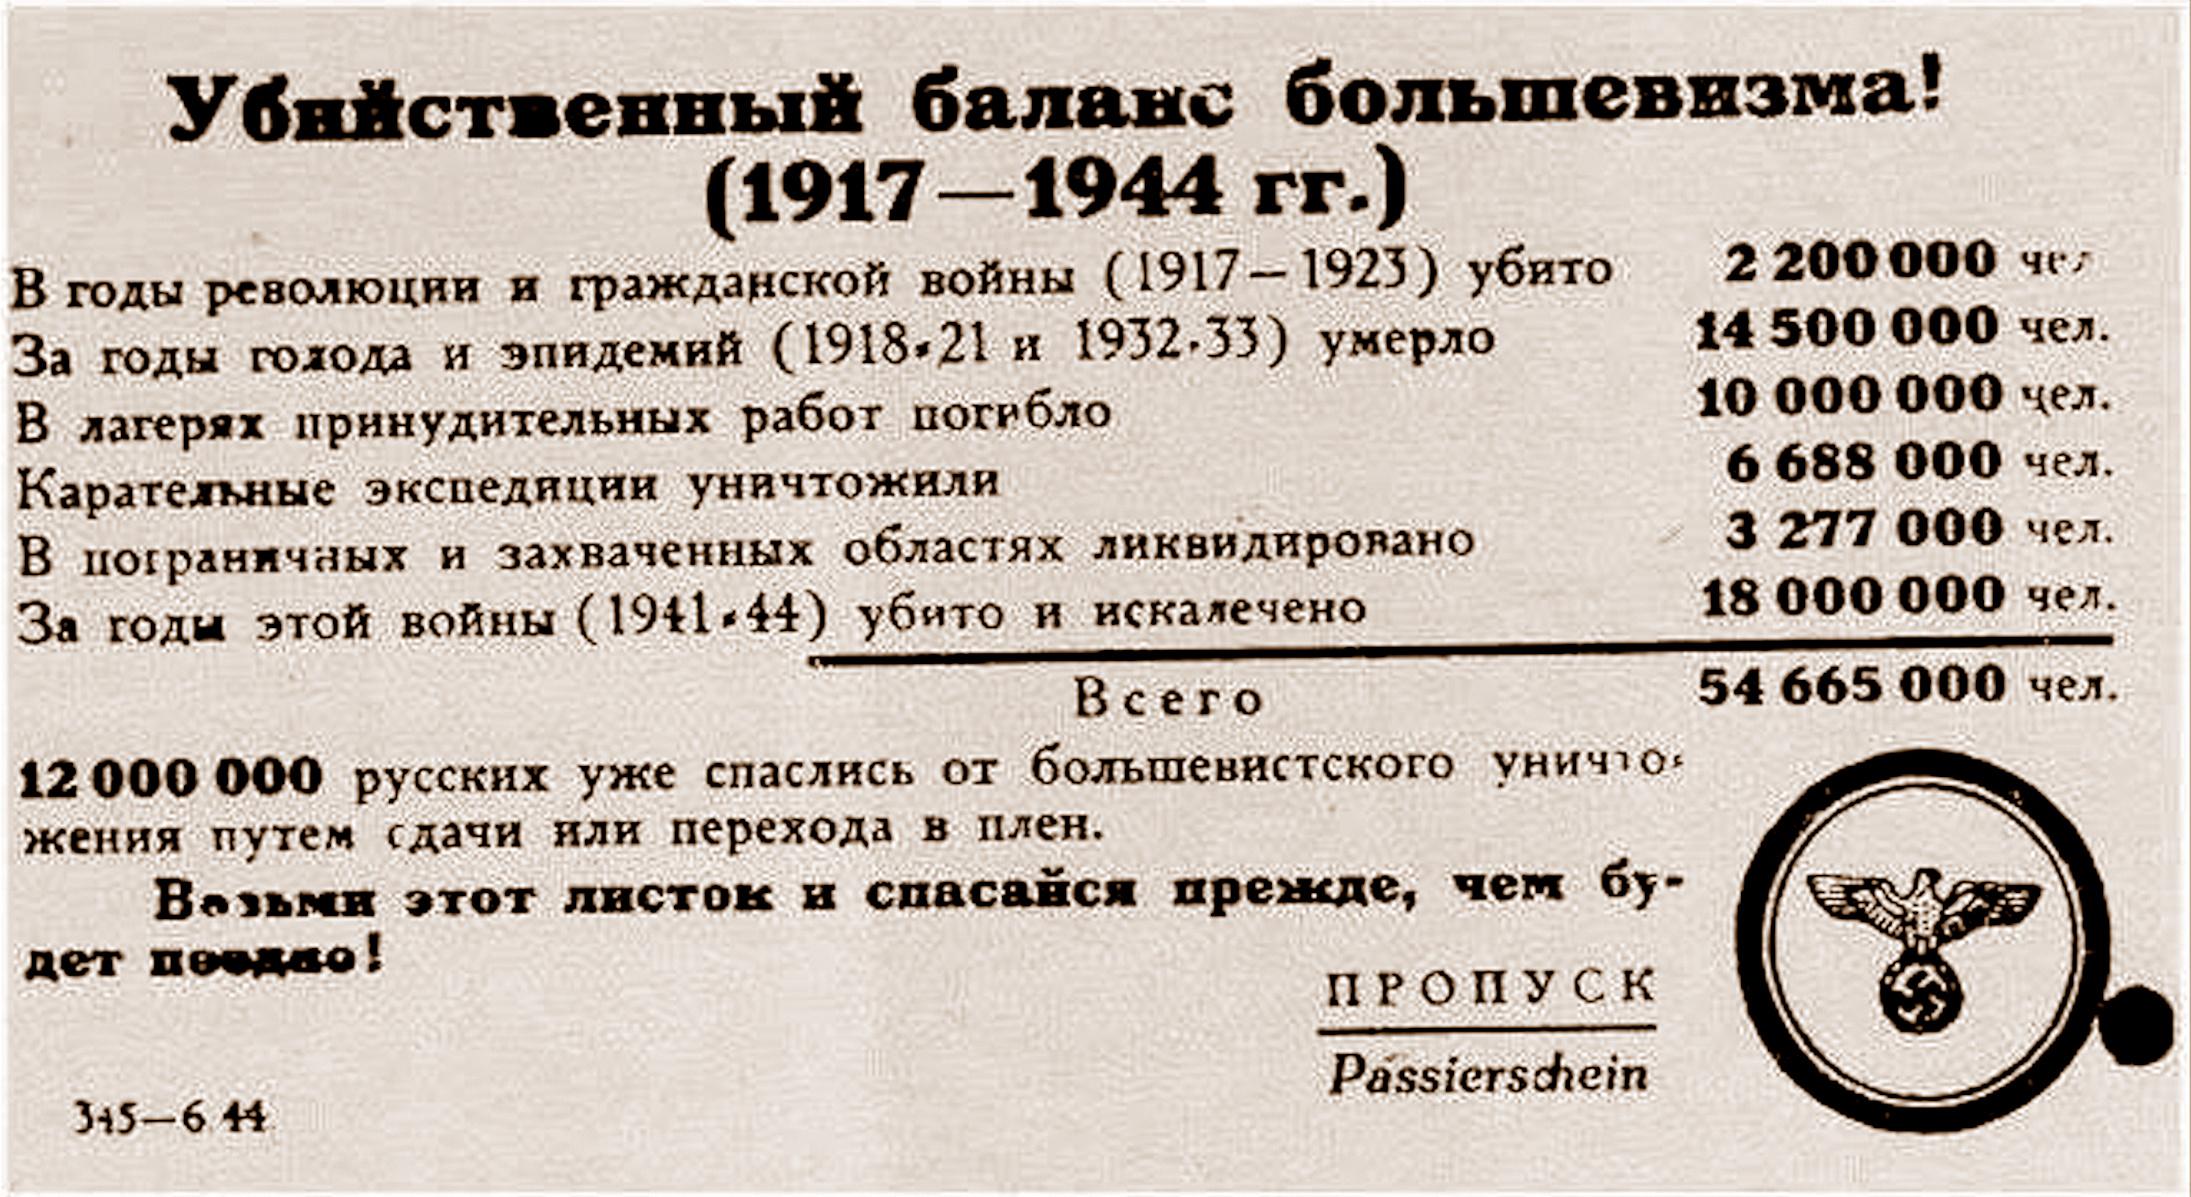 Листовка гитлеровцев - Убийственный баланс большевизма